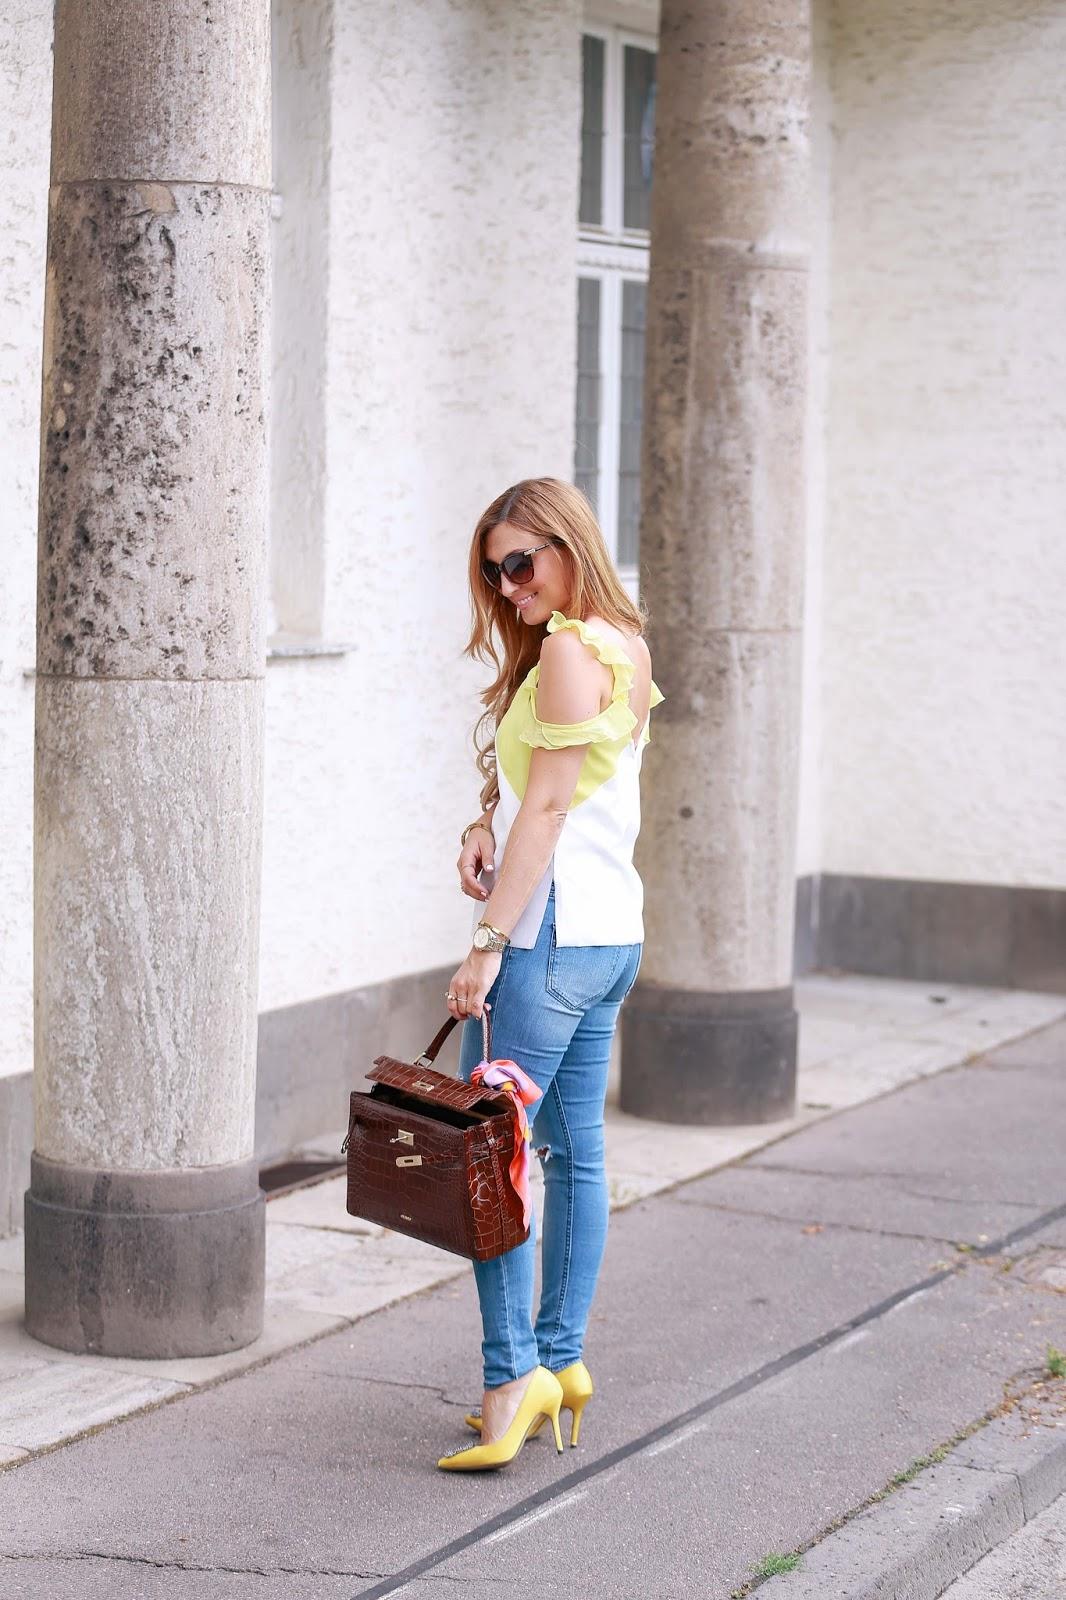 zitronen-gelbe-schuhe-manolo blahnik-fashionstylebyjohanna-fashionblogger-aus-frankfurt-icard-miranda-Tasche-mit-tuch-blogger-deutsche-fashionblogger-fashionblogger-aus-deutschland